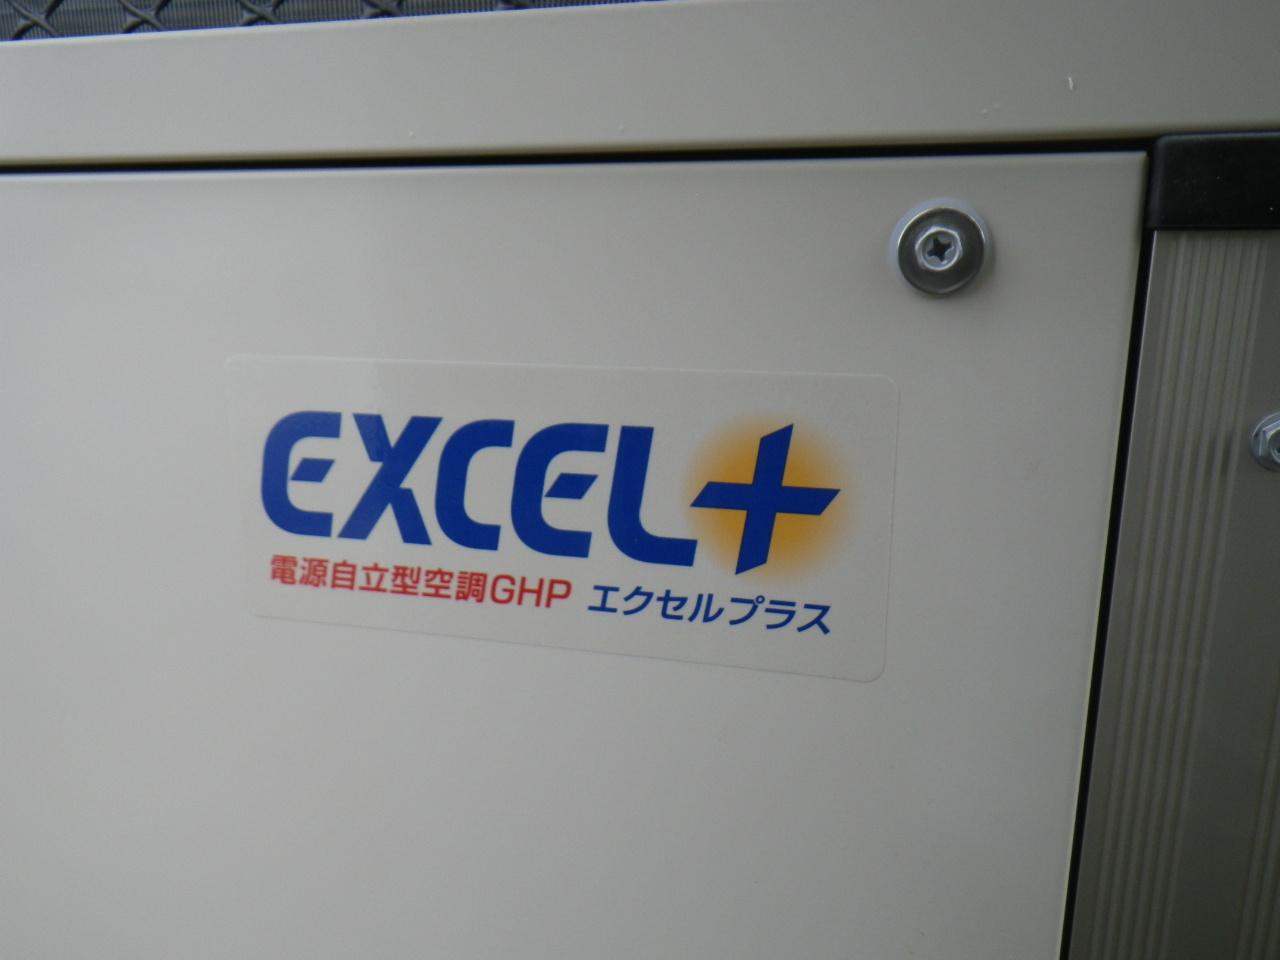 ガスヒートポンプエアコンエクセルプラス